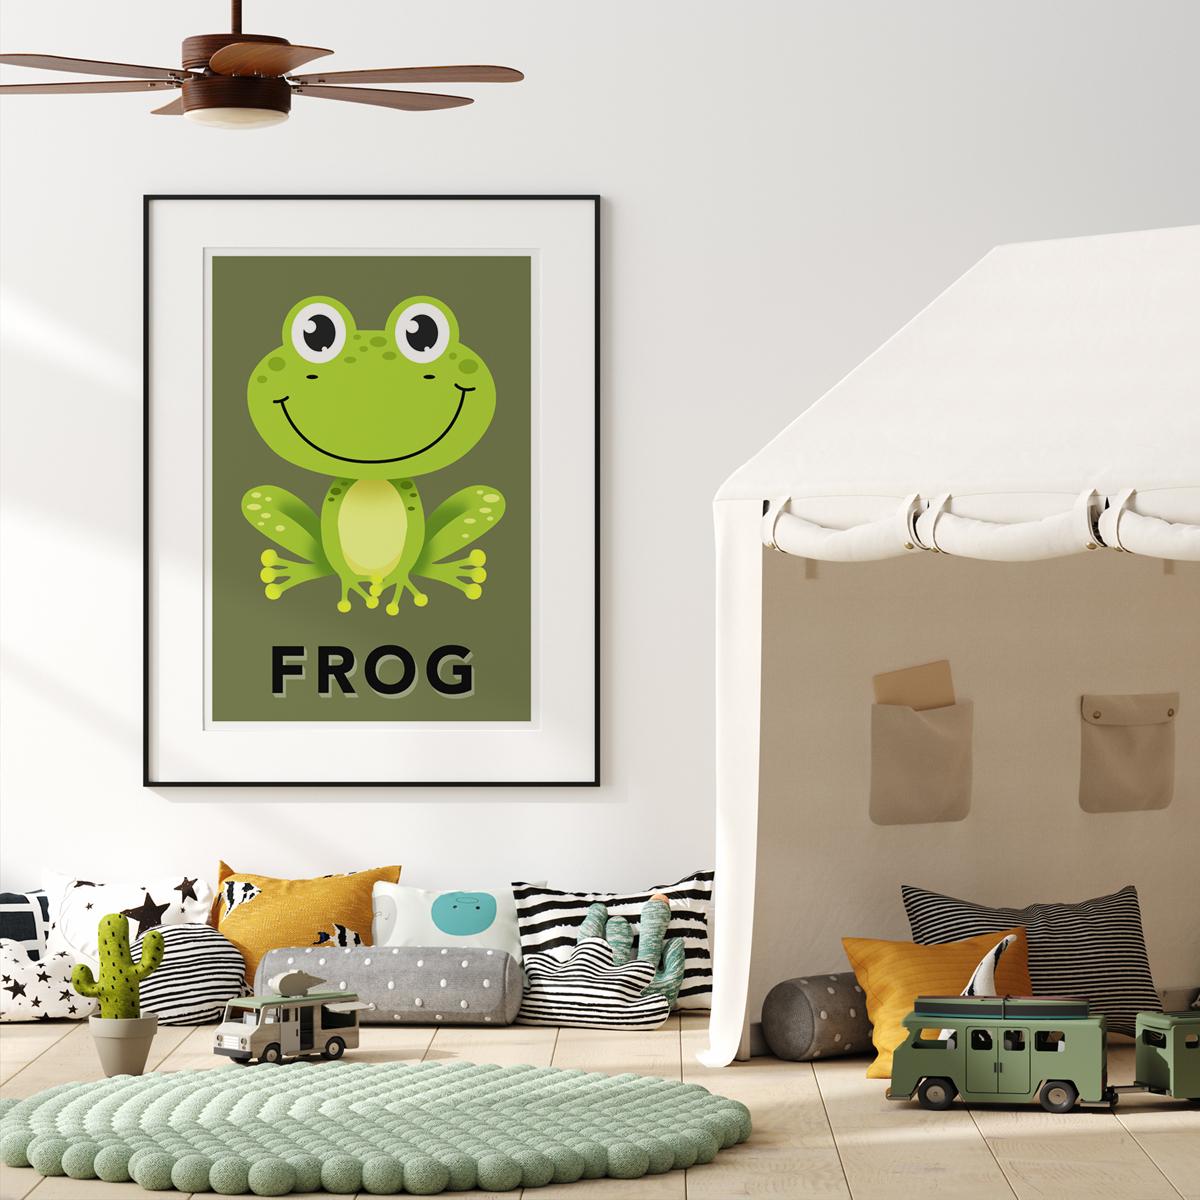 Frog khaki framed